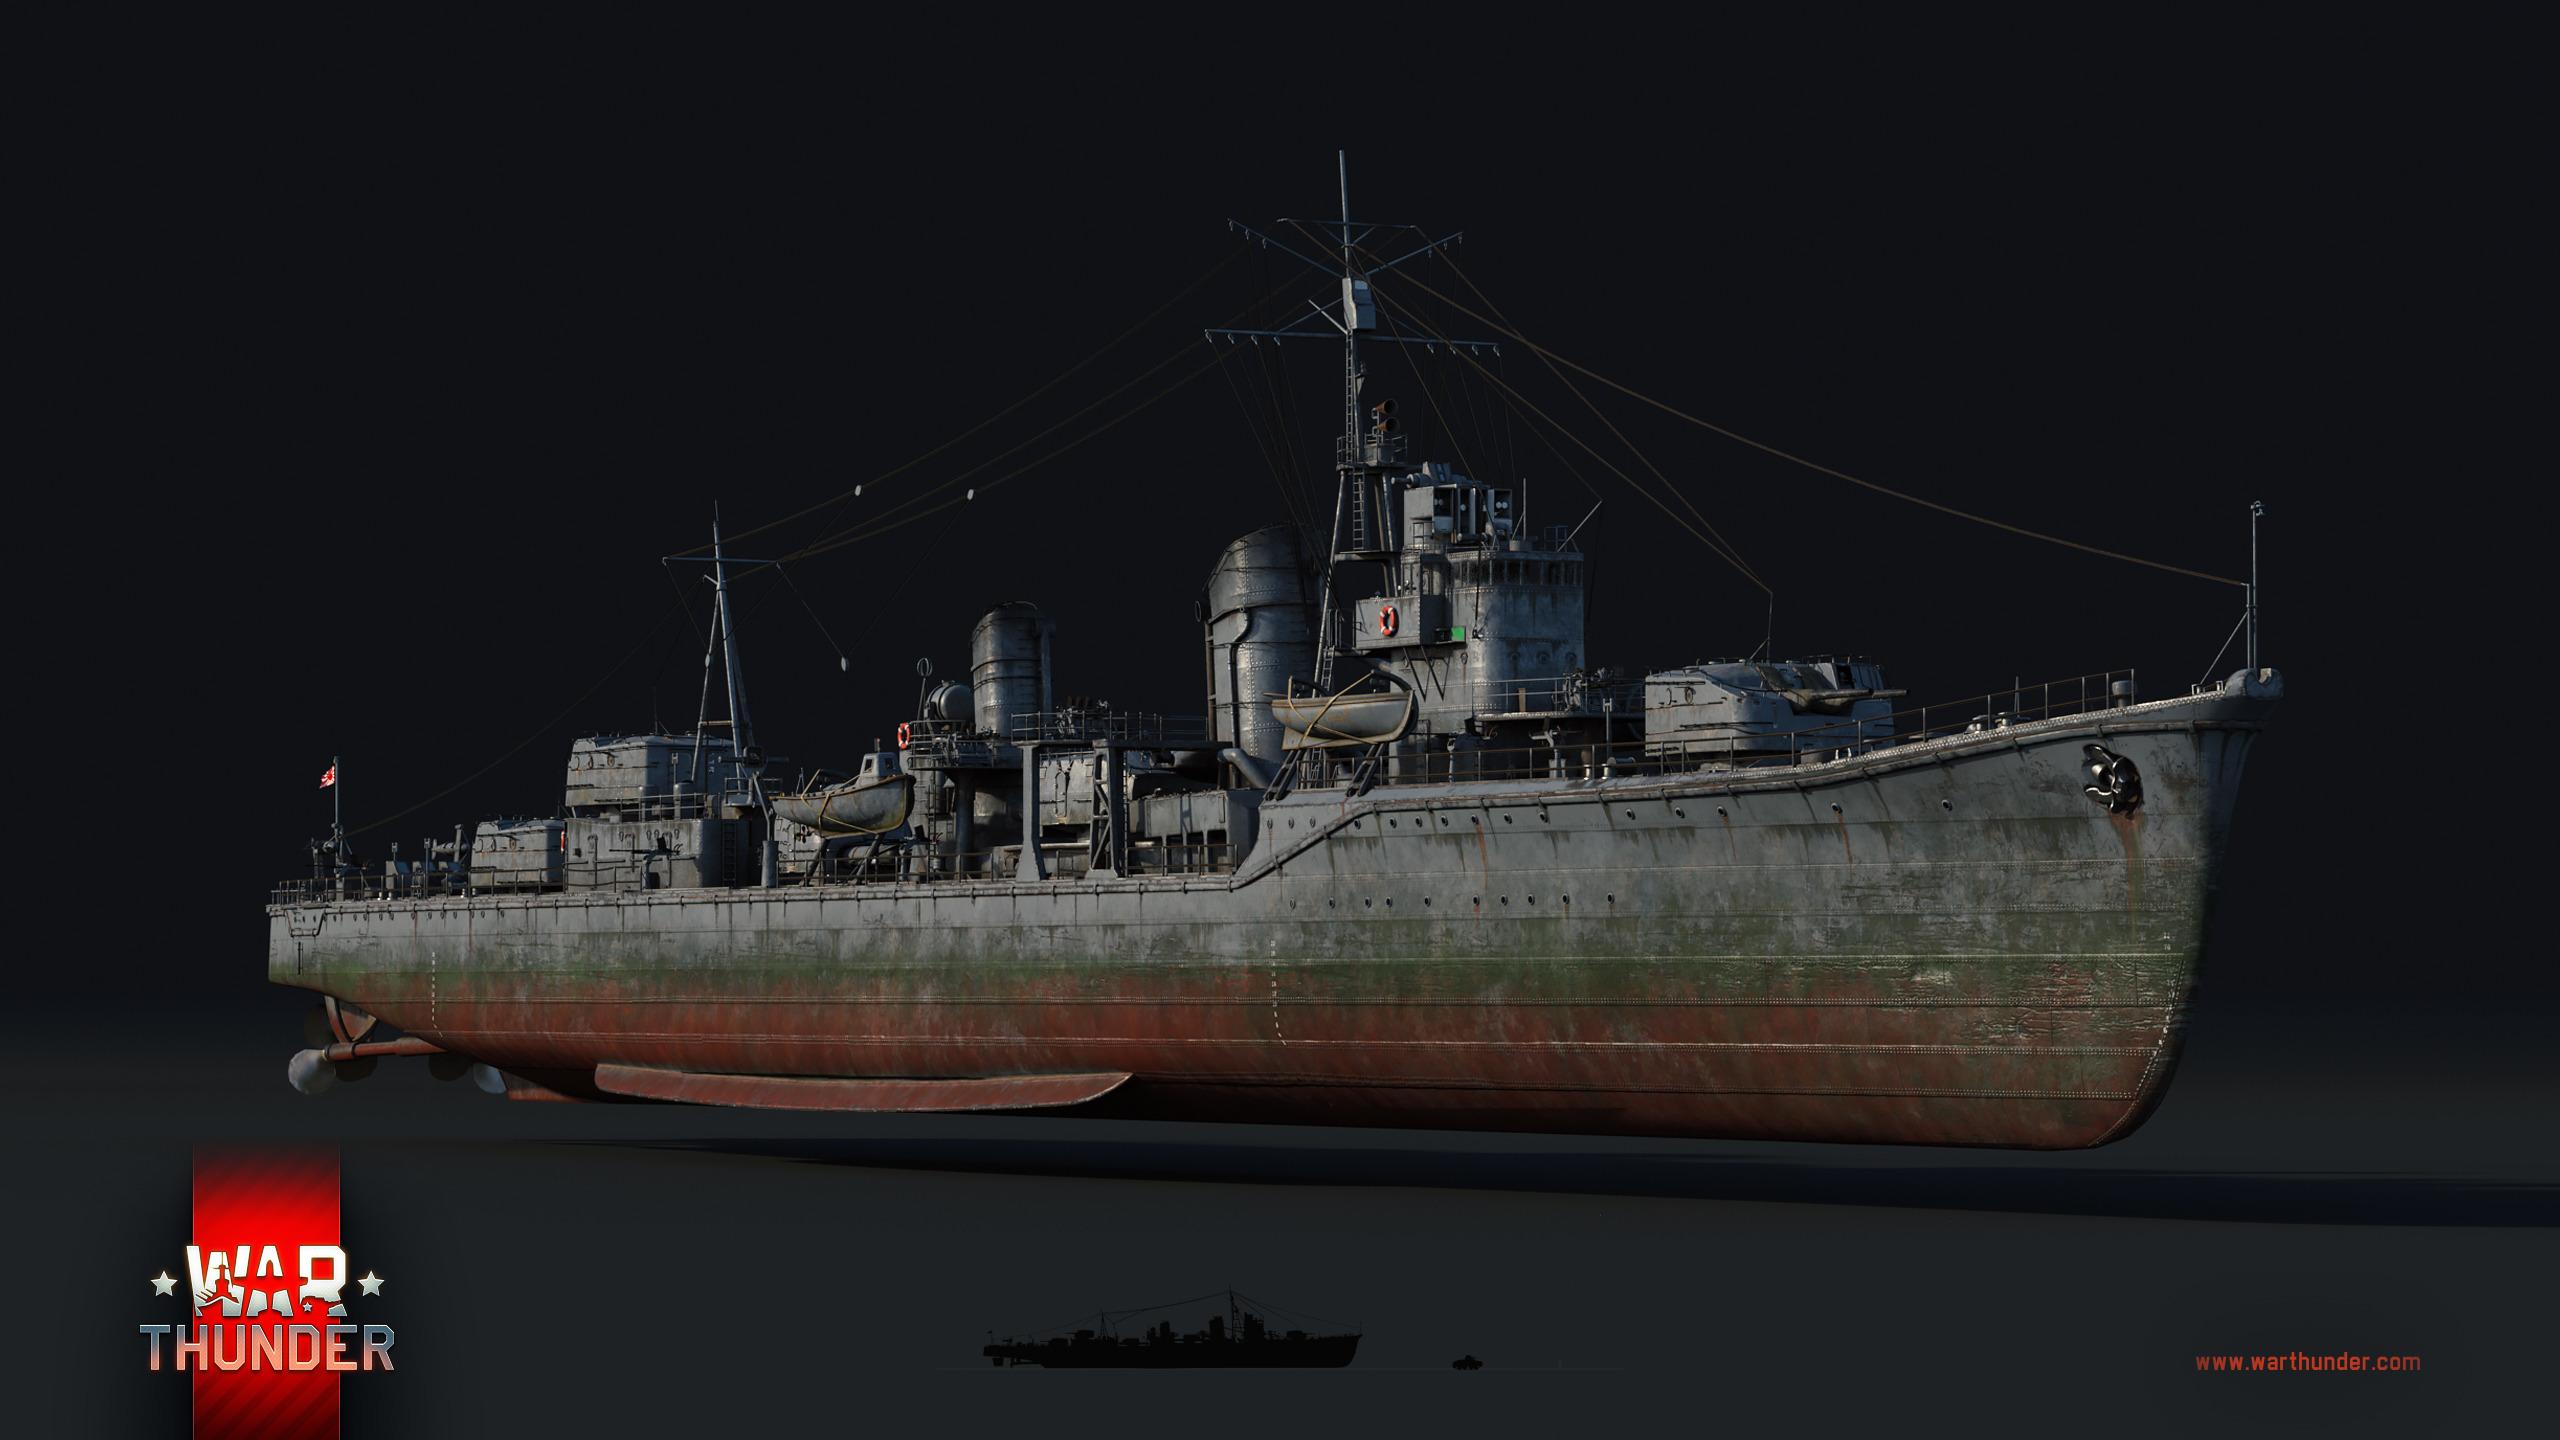 夕雲型駆逐艦 - War Thunder (ウォーサンダー)- DMM GAMES